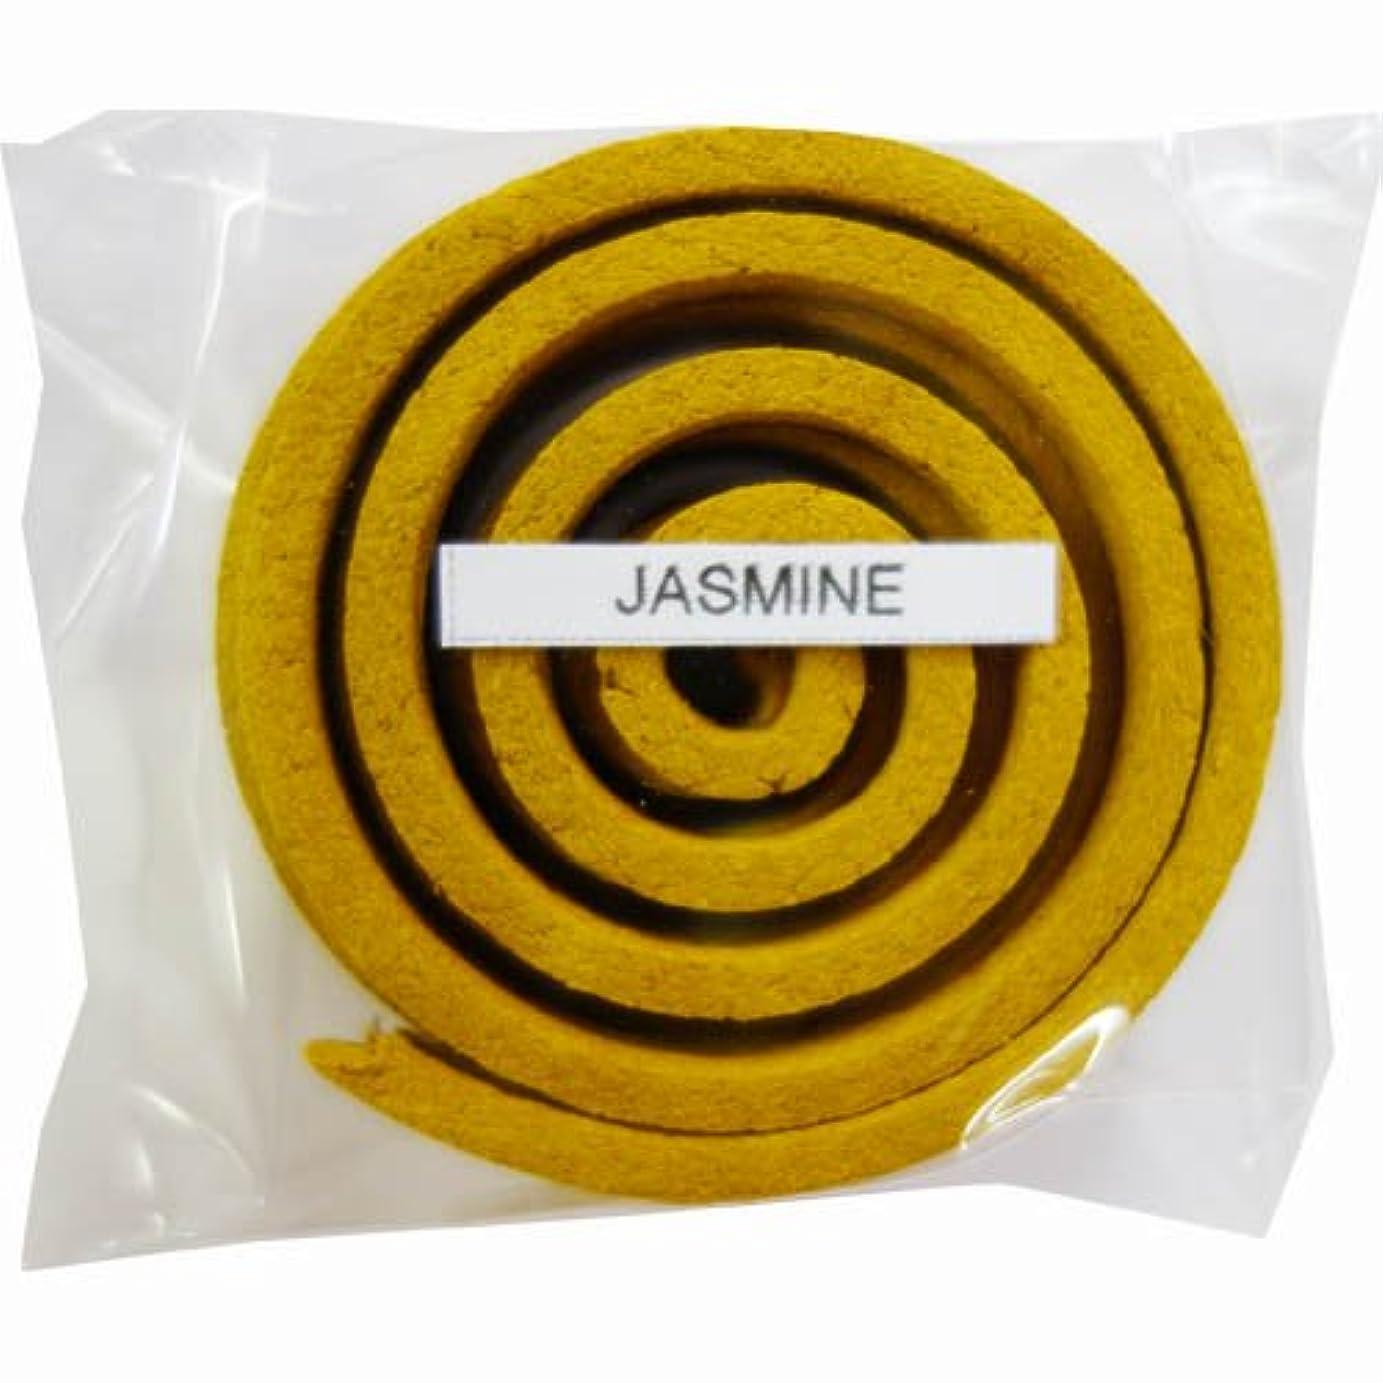 それシェーバー初期のお香/うずまき香 JASMINE ジャスミン 直径5cm×5巻セット [並行輸入品]